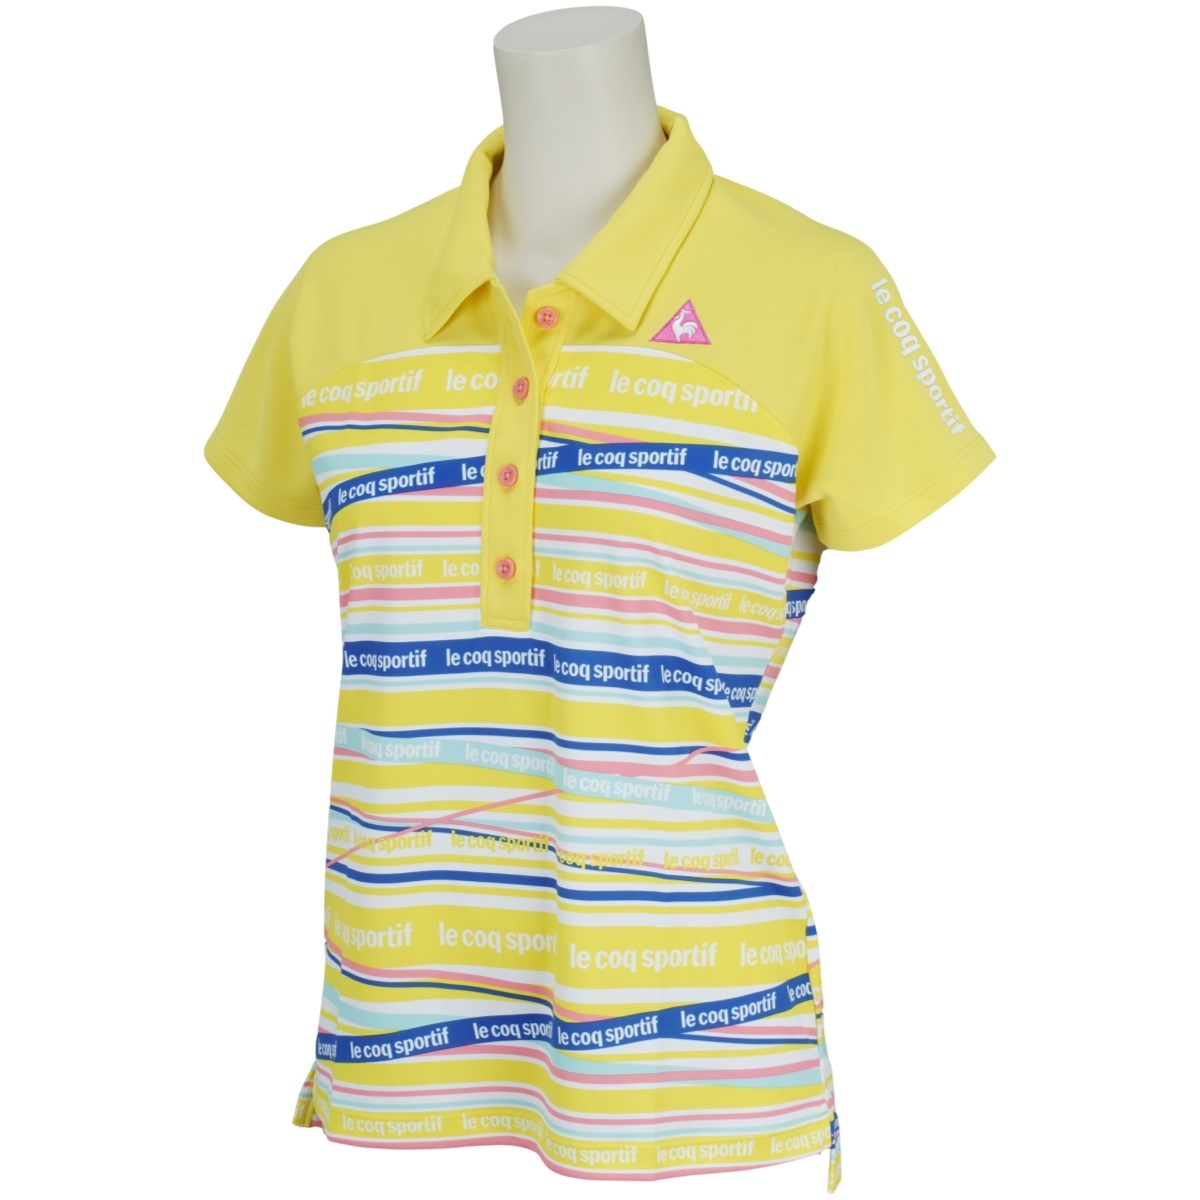 ルコックゴルフ Le coq sportif GOLF マルチボーダー 半袖ポロシャツ M イエロー 00 レディス